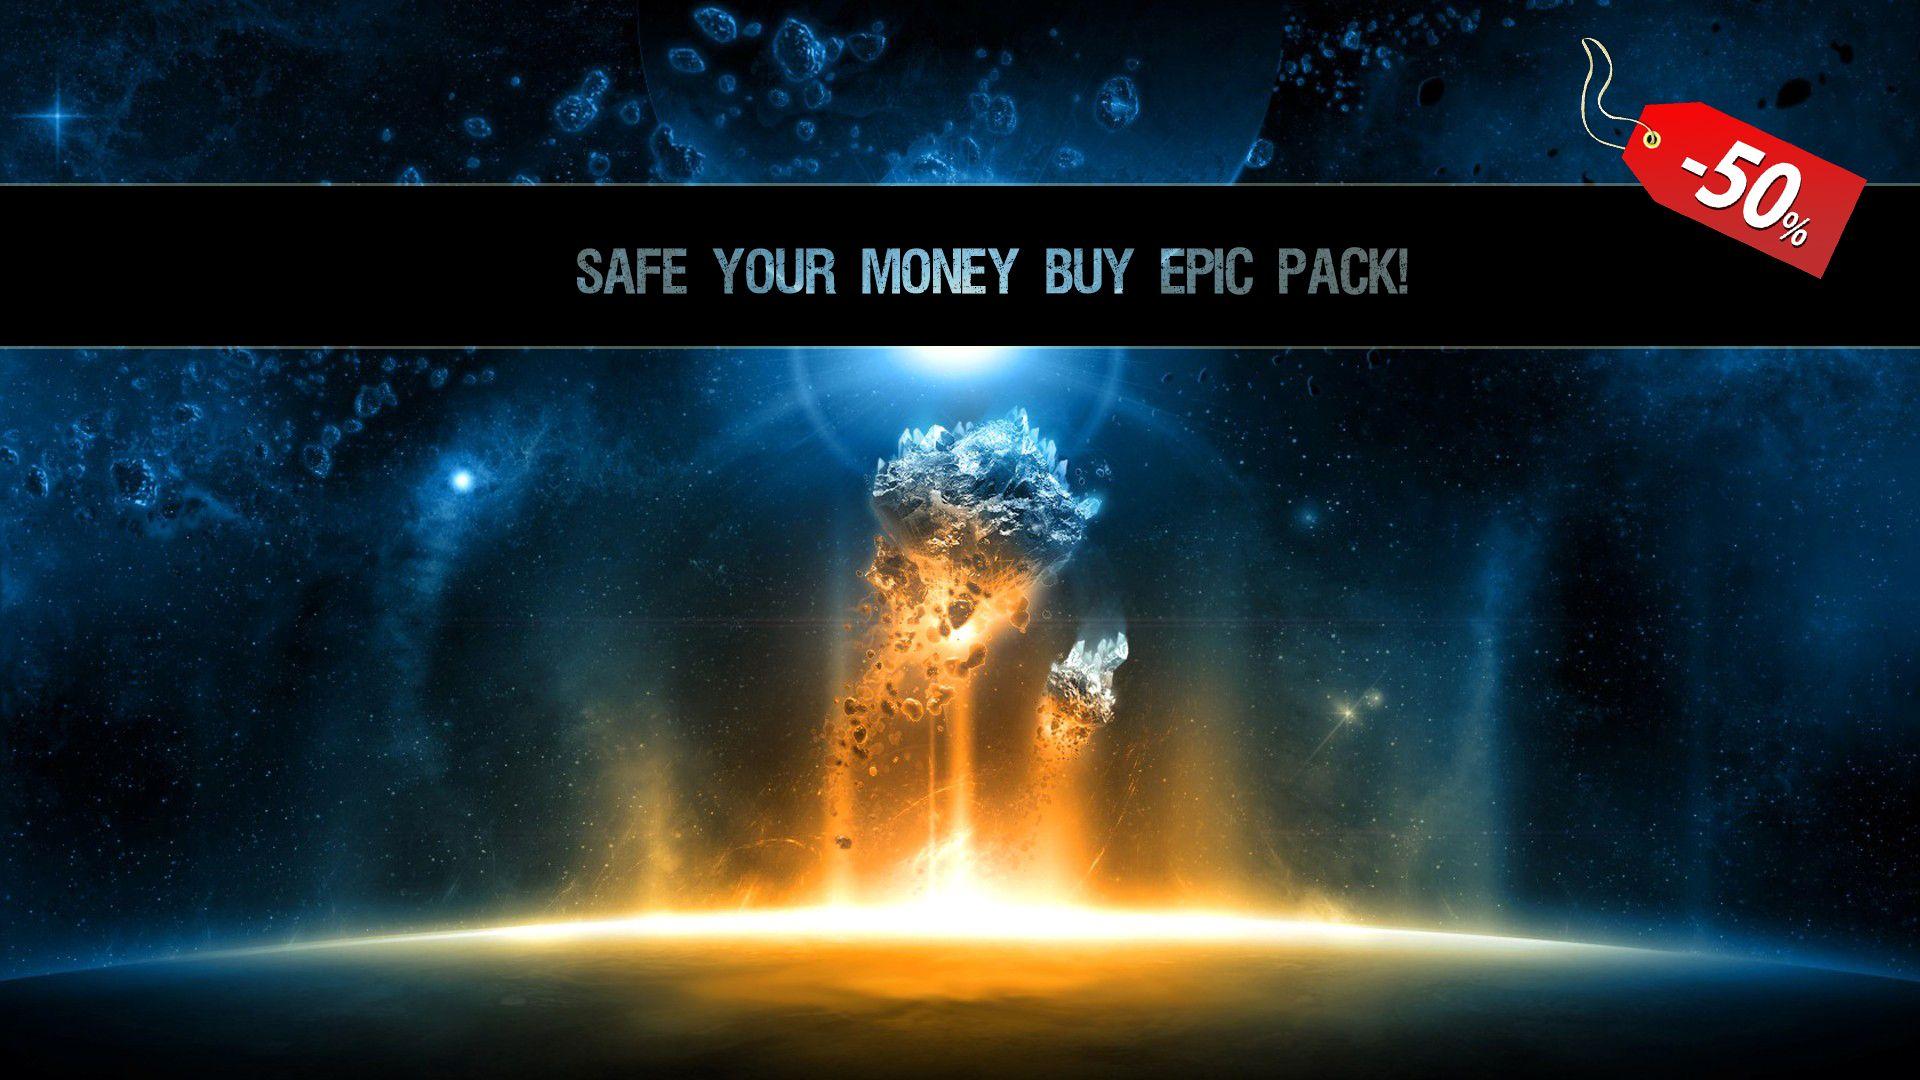 photo Epic pack_zpshaokap0w.jpg